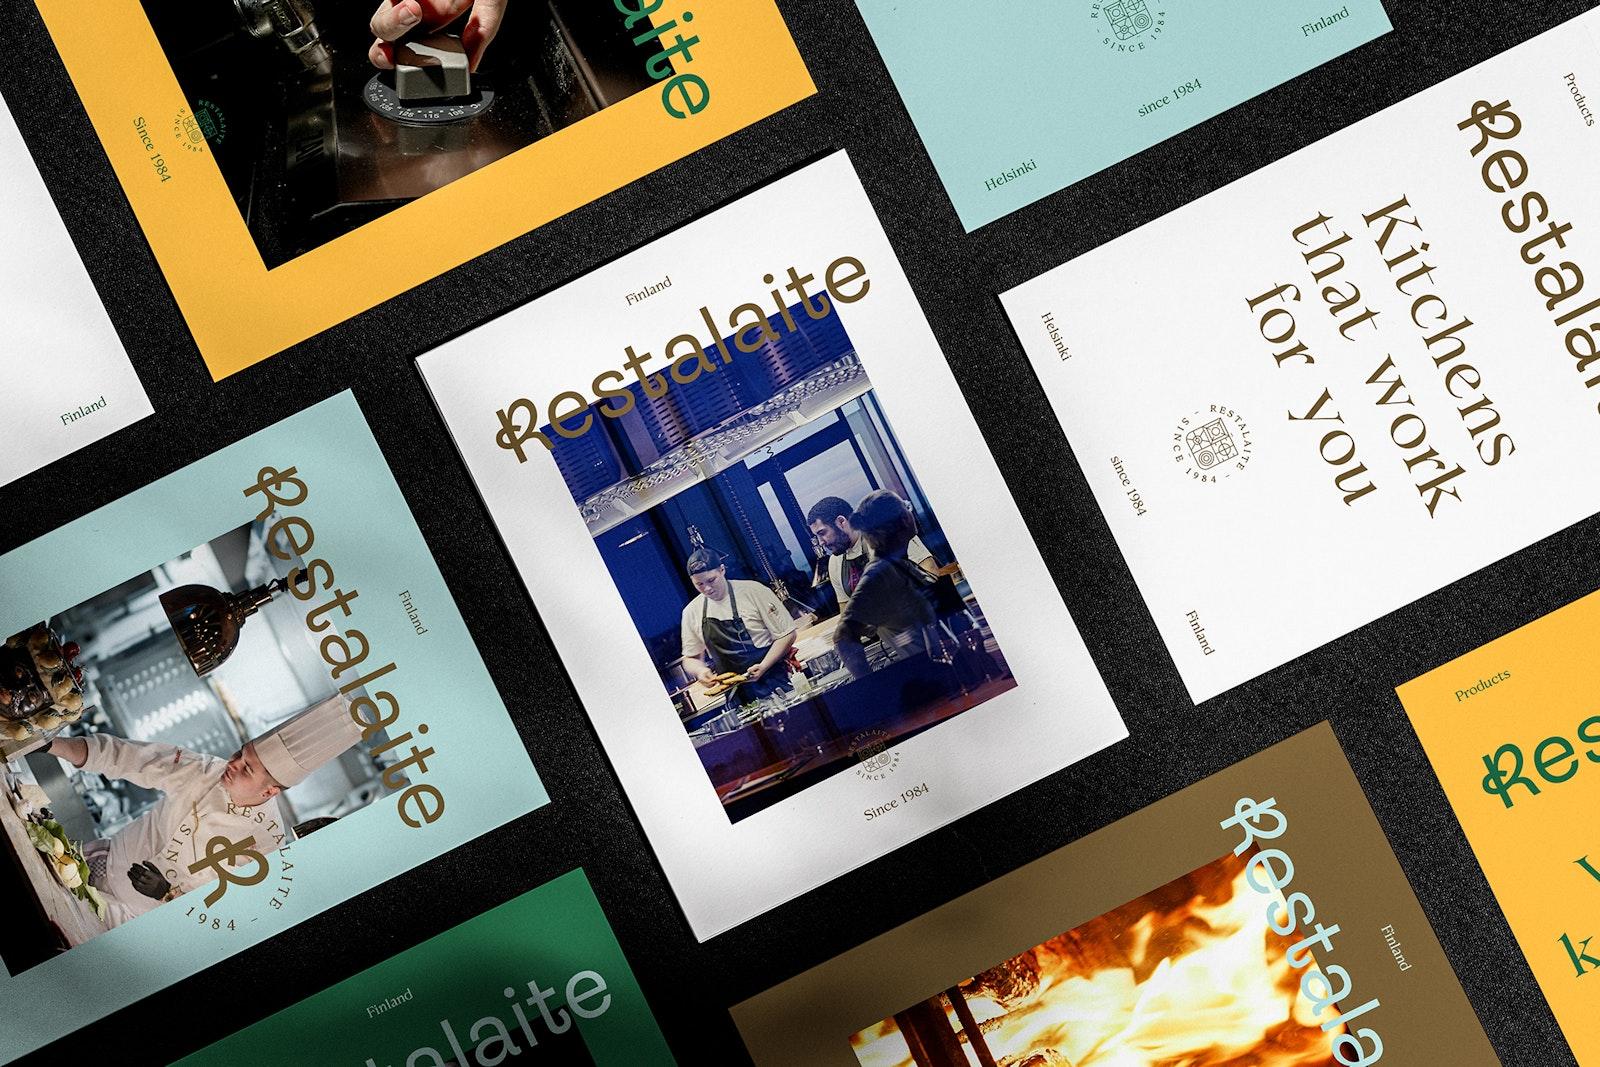 Restalaite identity elements.